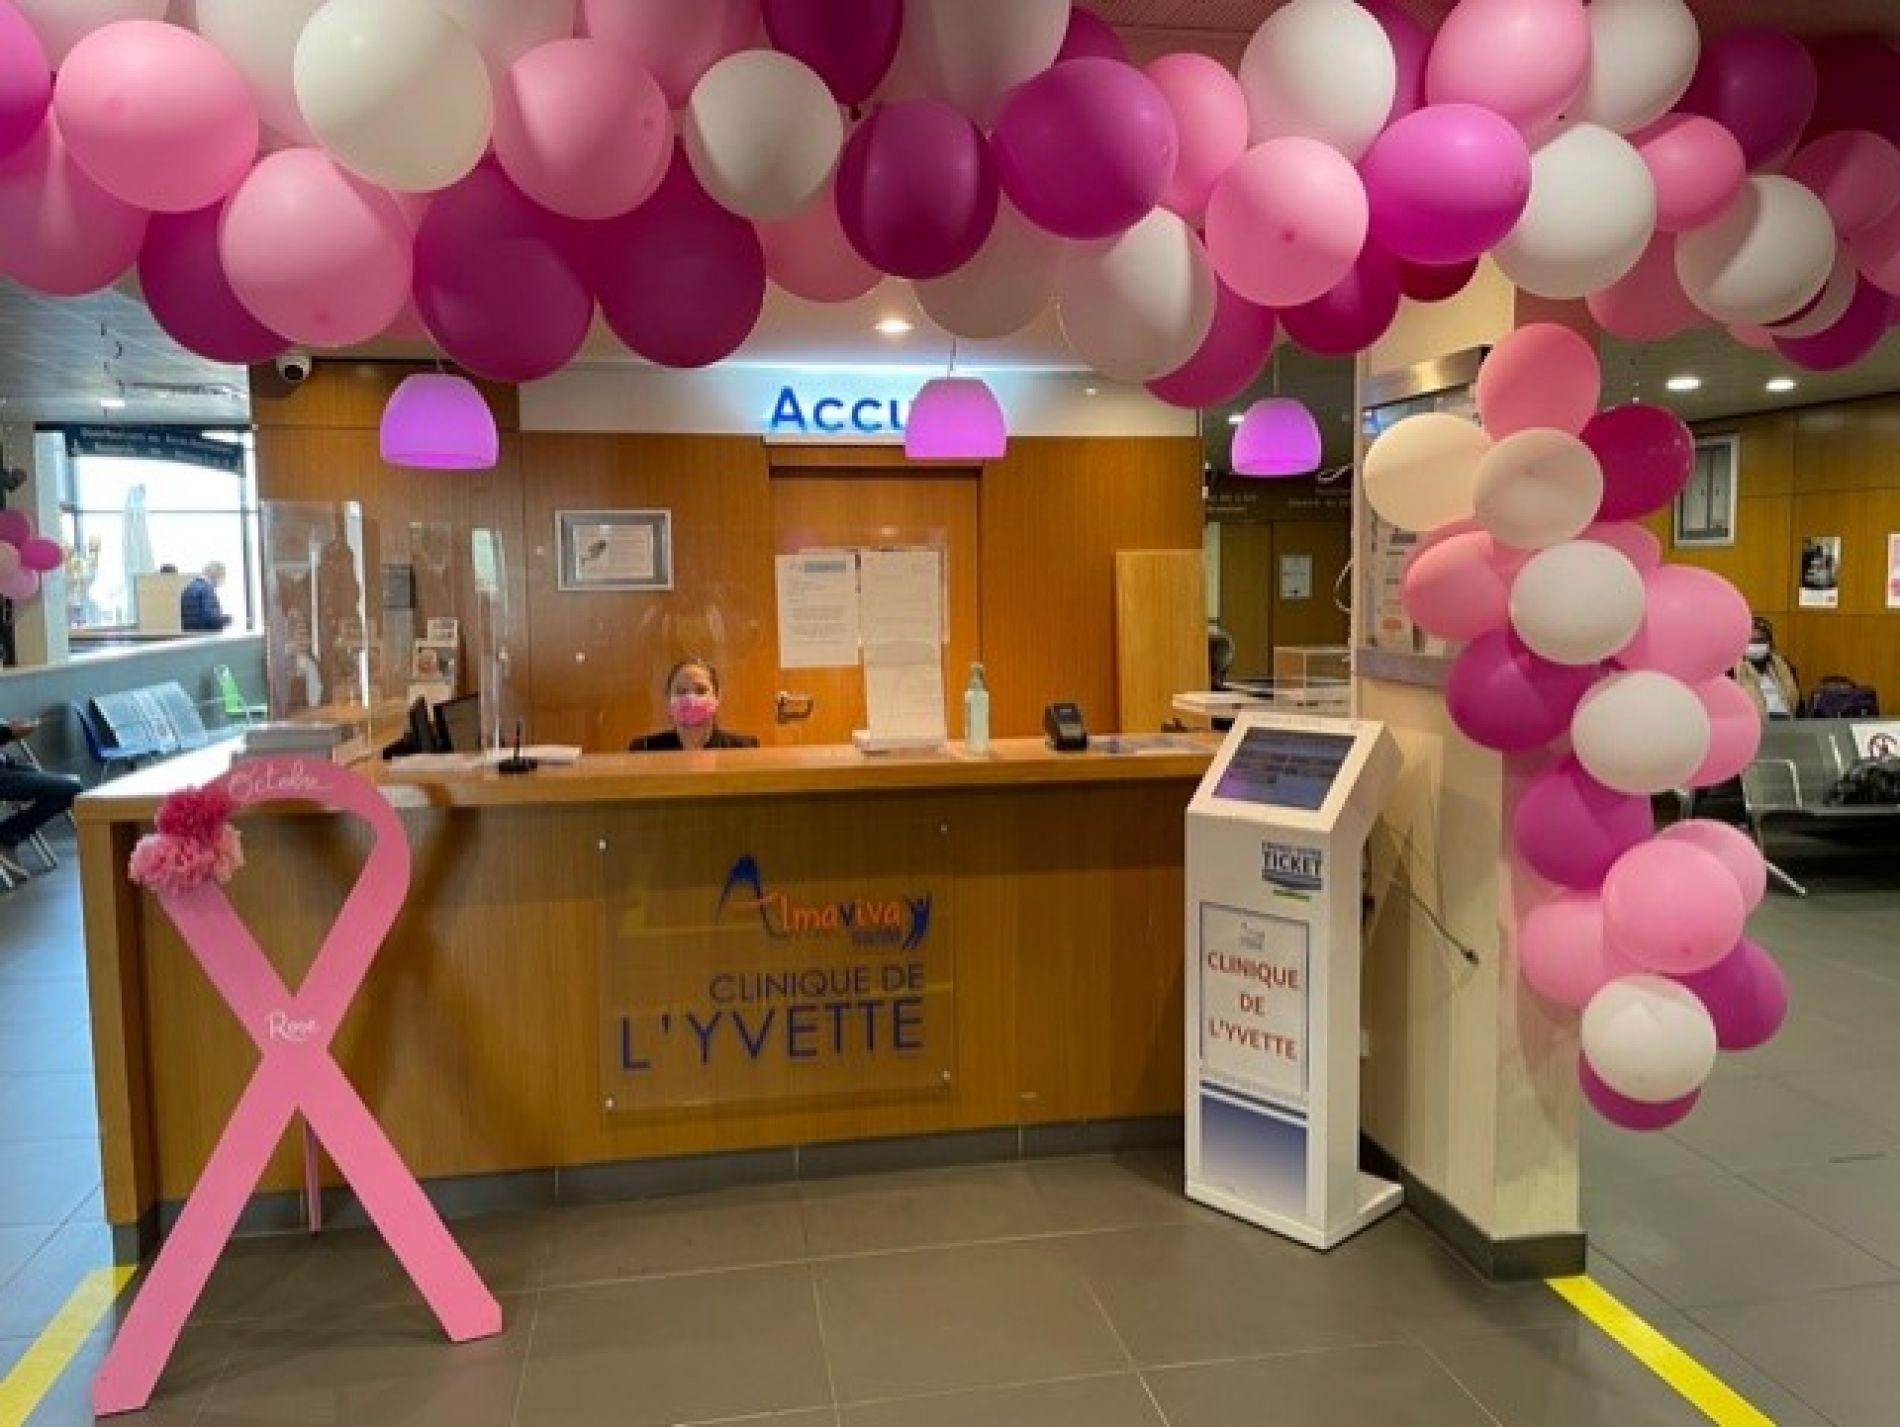 Octobre Rose : La clinique de l'Yvette participe à la lutte contre le cancer